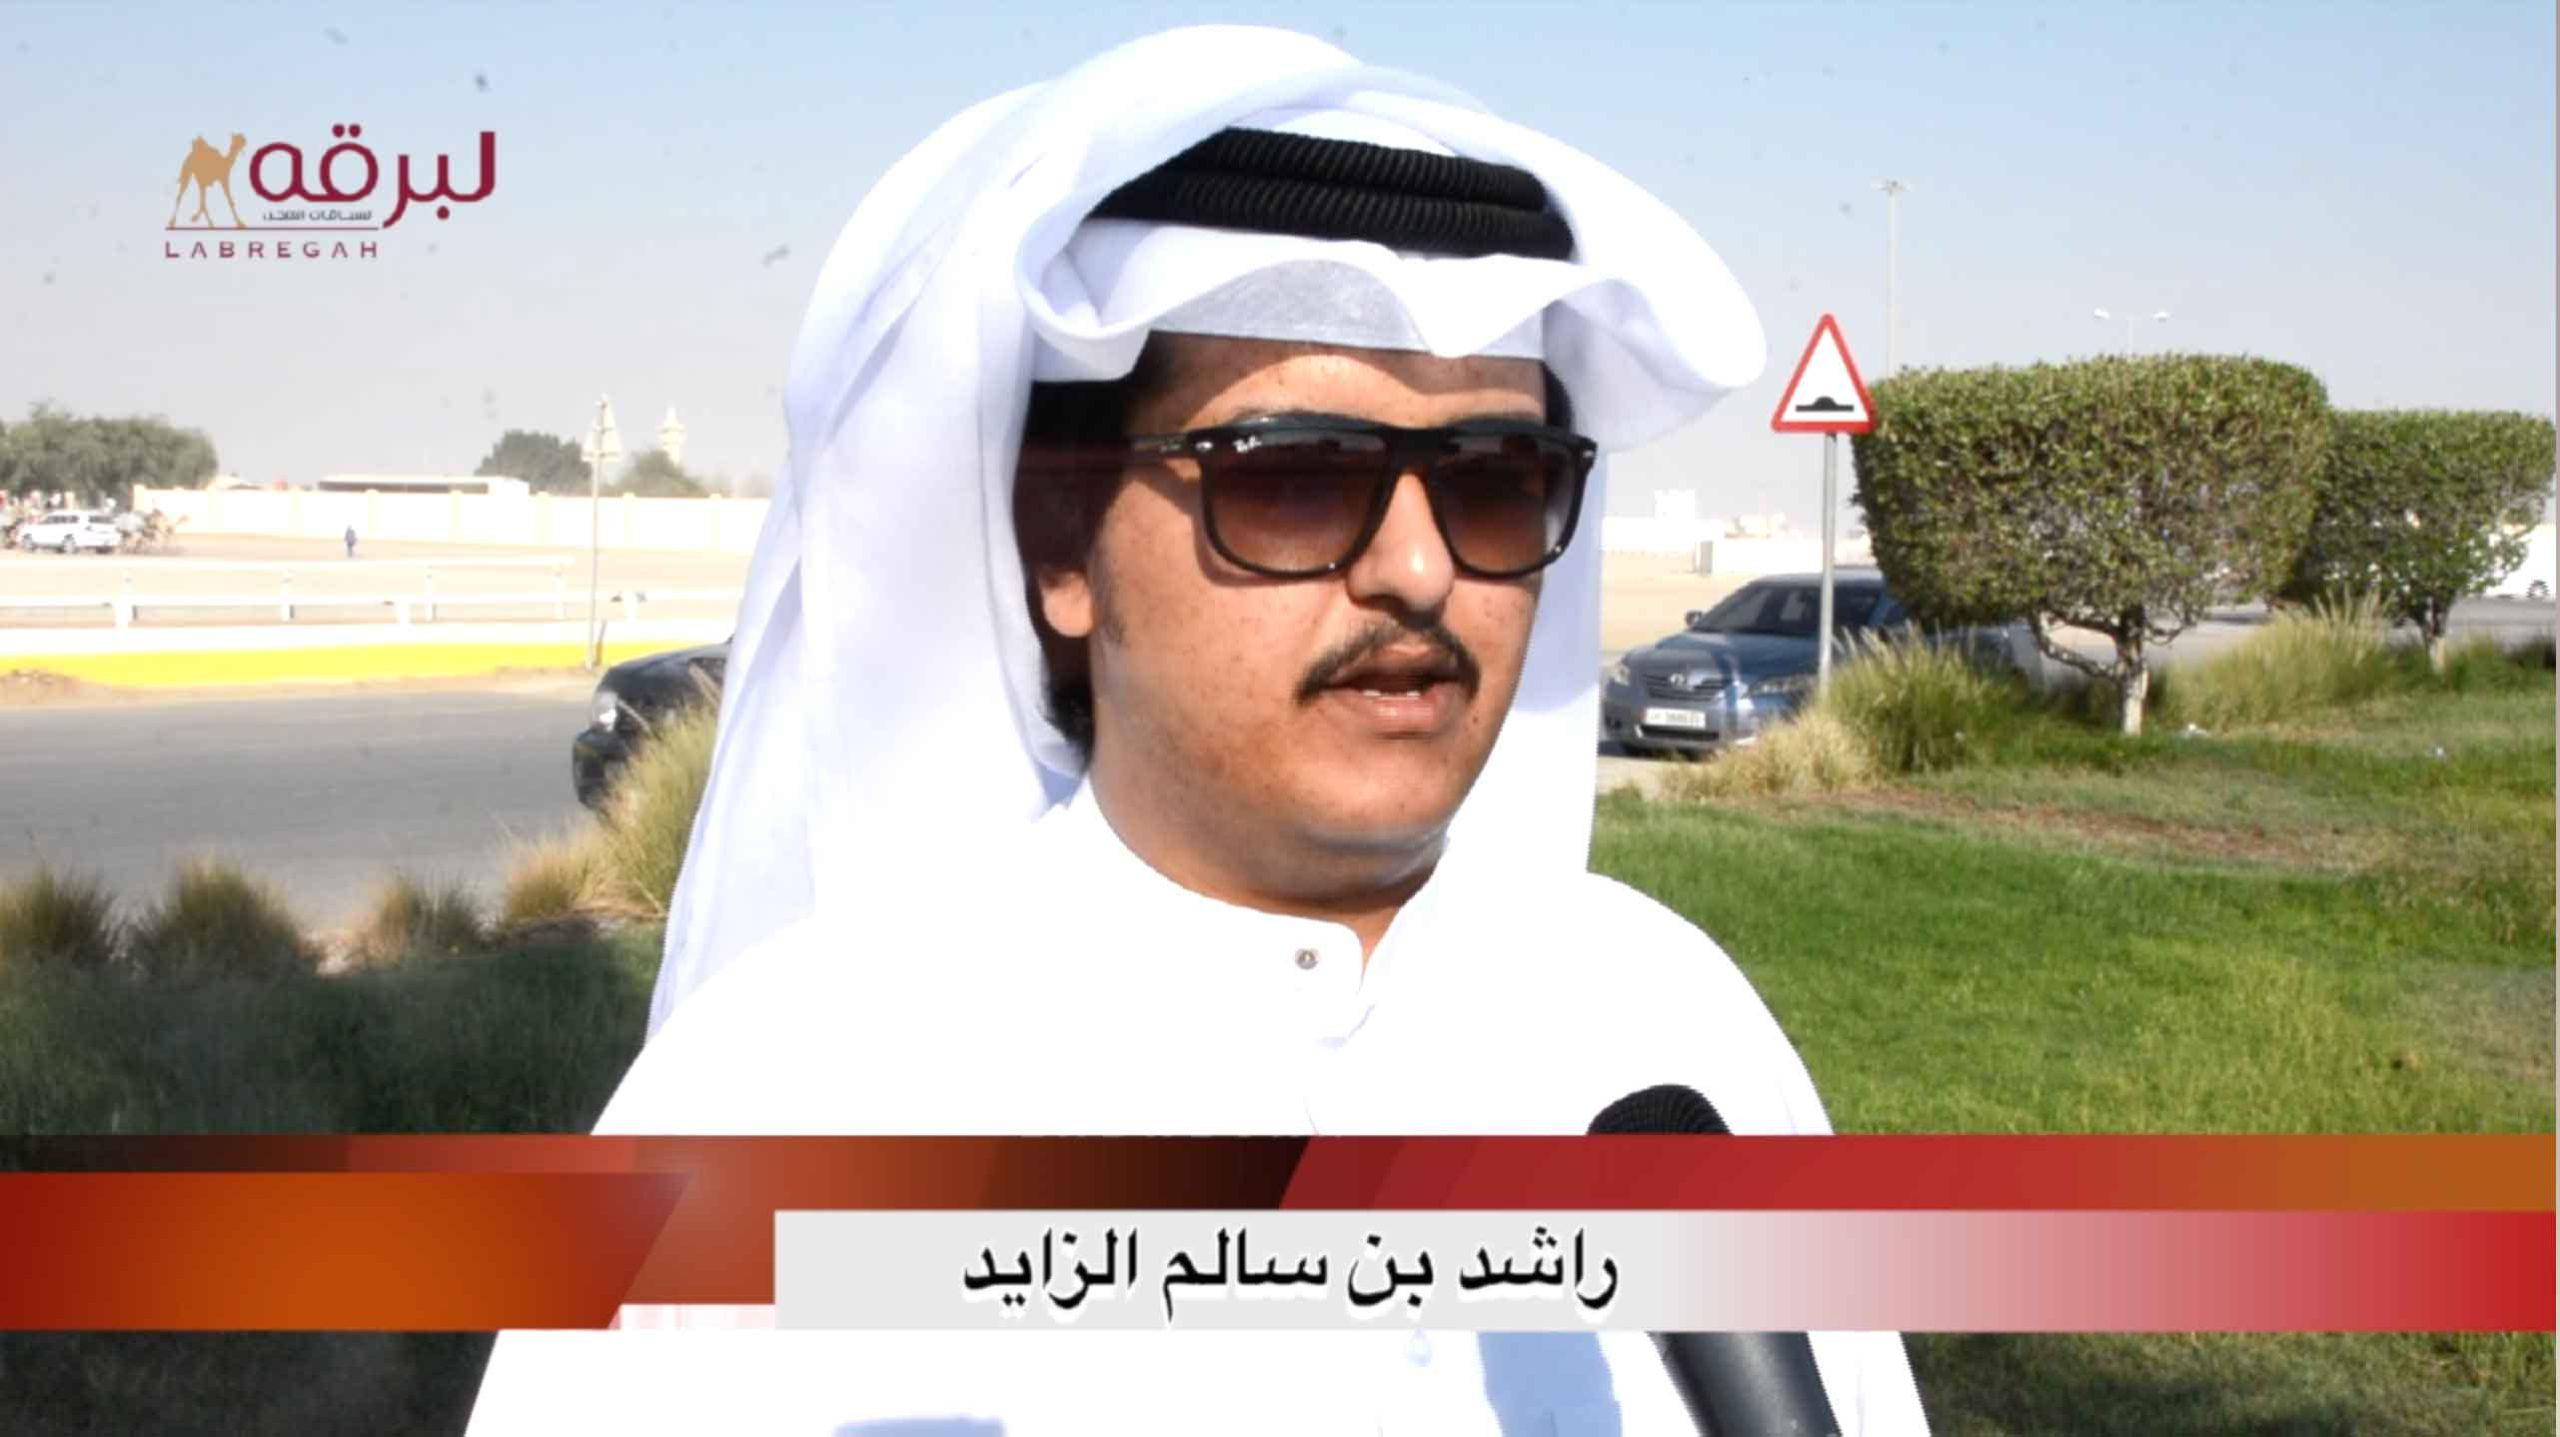 لقاء مع راشد بن سالم الزايد.. الشوط الرئيسي للحيل إنتاج الأشواط العامة  ١٥-١٠-٢٠٢٠